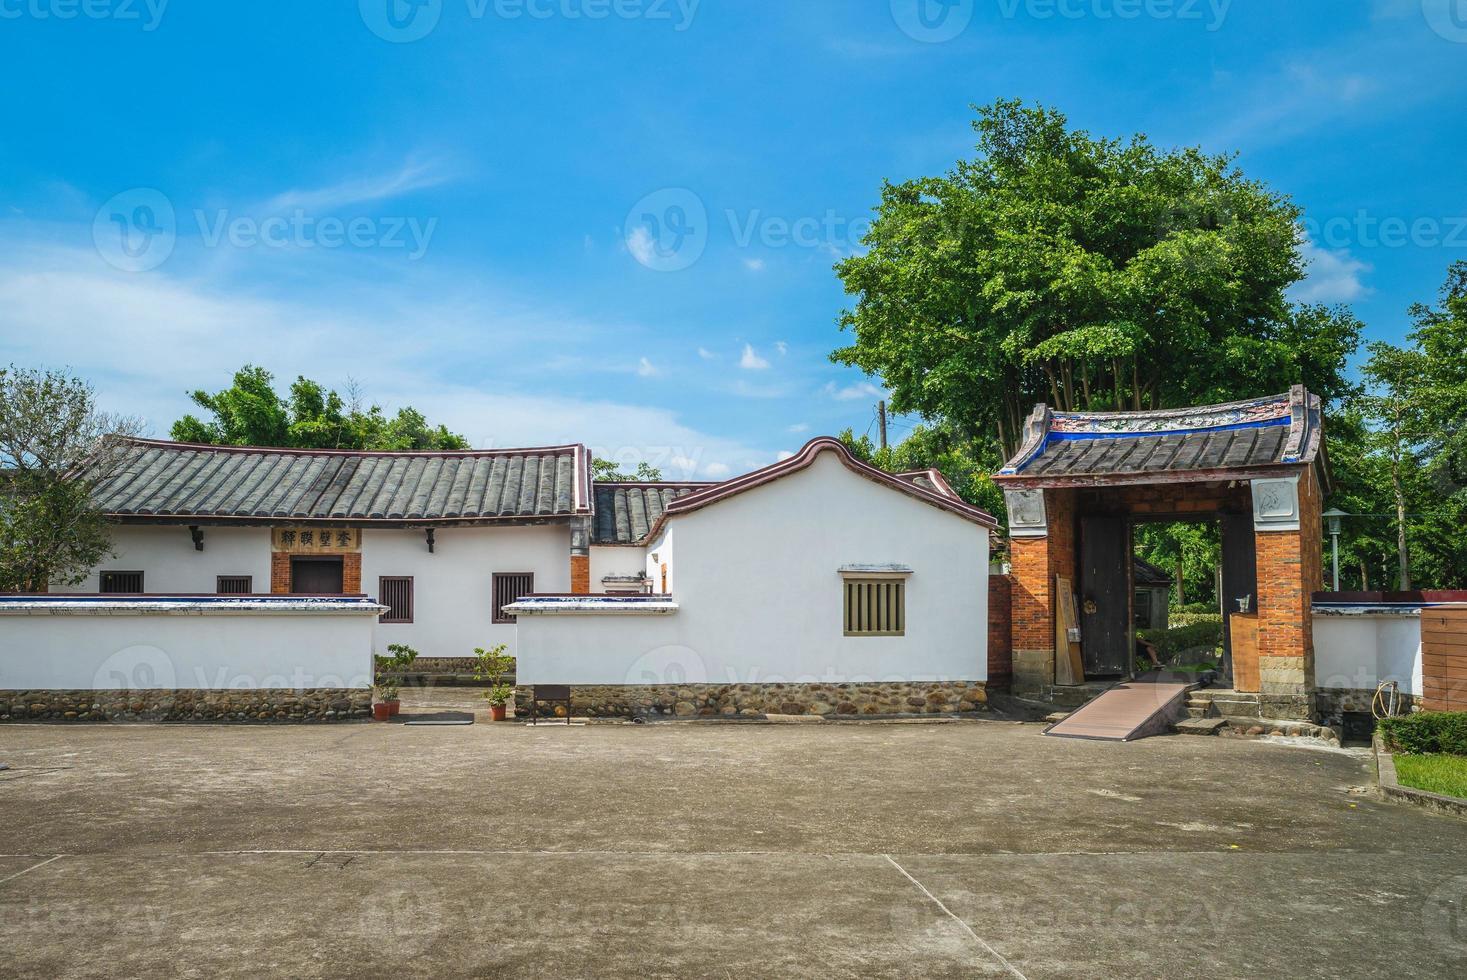 sala de estudio de la antigua residencia lee tengfan en taoyuan, taiwán foto